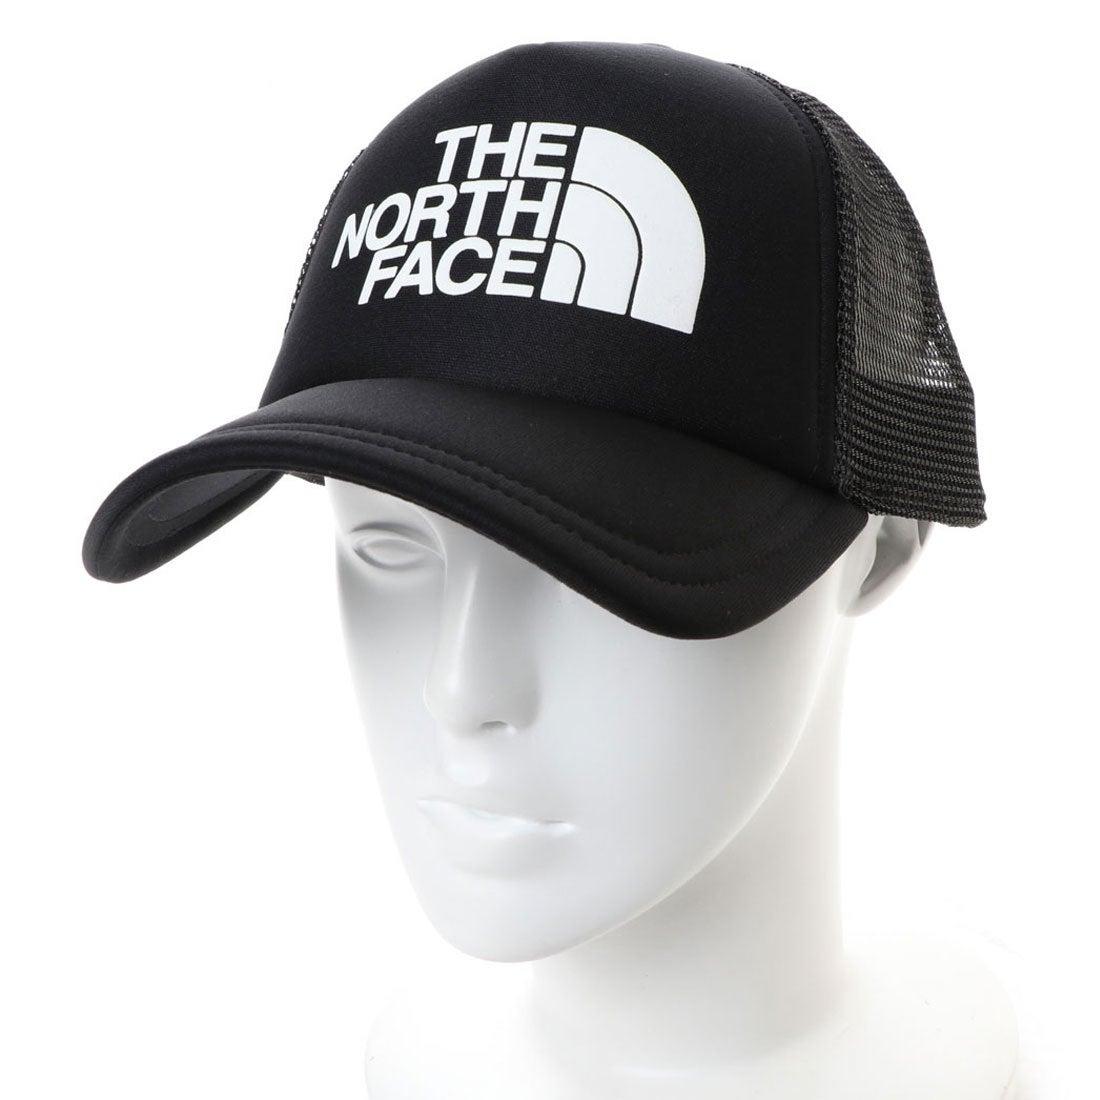 ザ ノース フェイス THE NORTH FACE トレッキング 帽子 LOGO MESH CAP NN01452 レディース